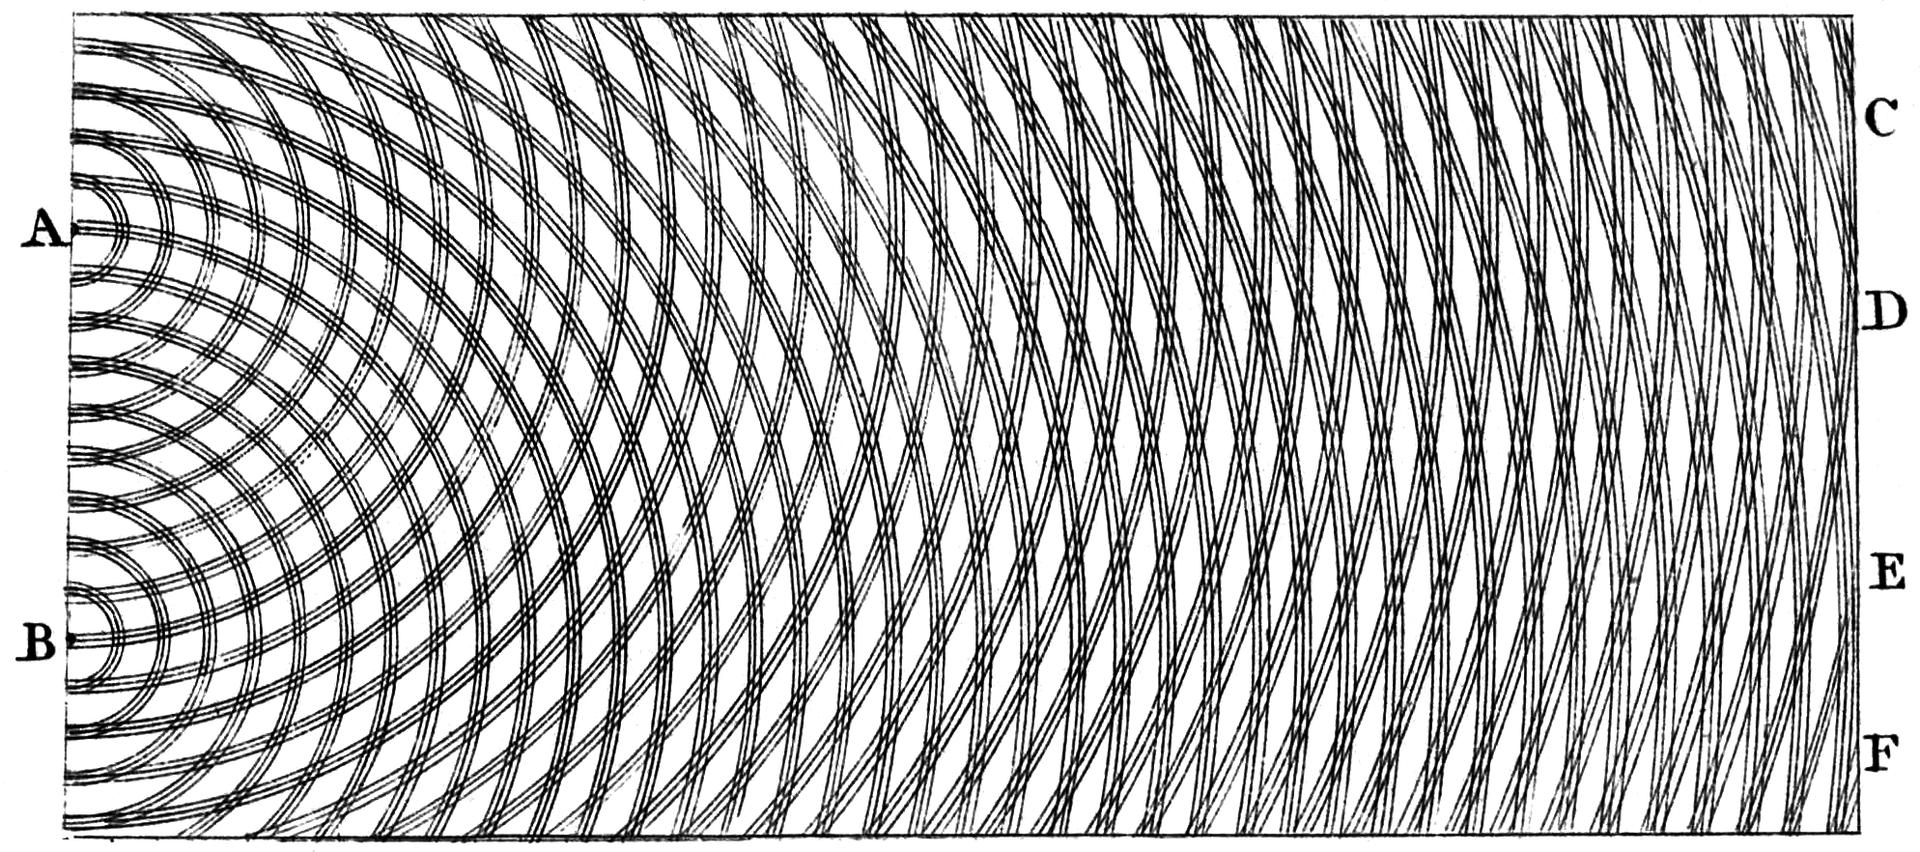 Na rysunku widać nachodzące na siebie czarne, łukowate linie imitujące rozchodzenie się fal zdwóch punktów po lewej stronie.